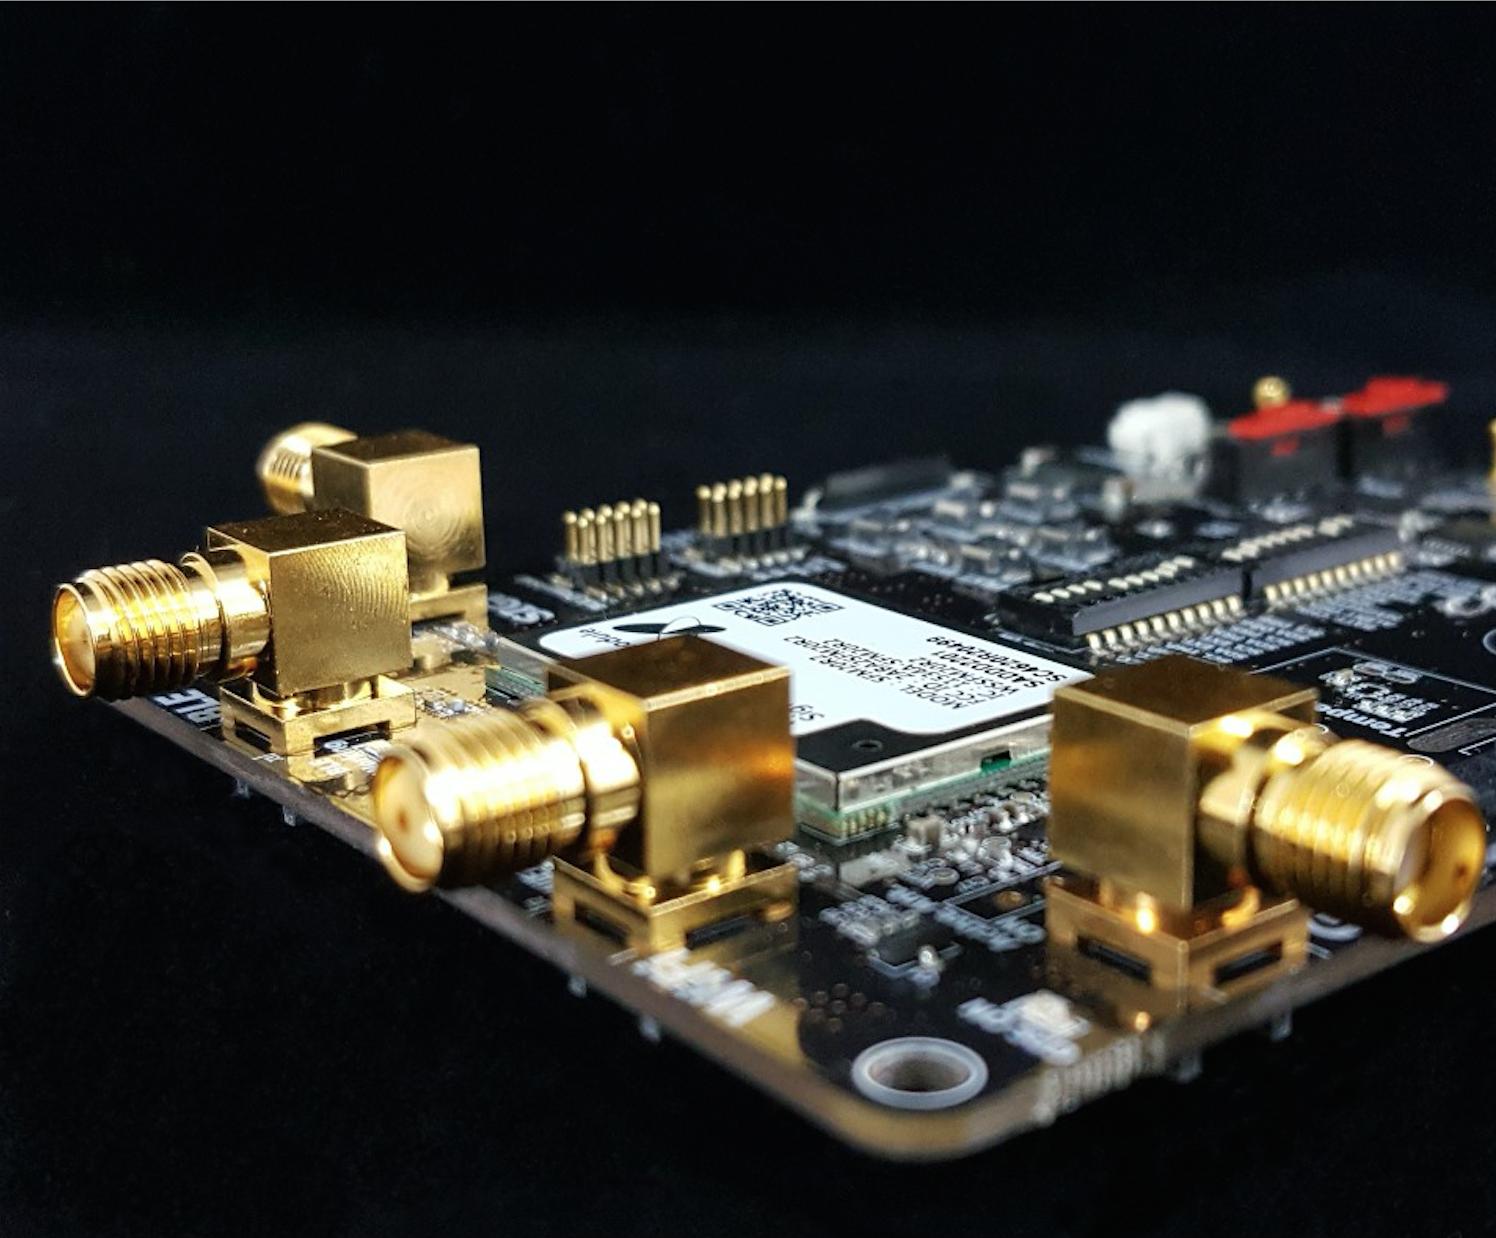 El módulo Wisol WSSFM20R1 (o cómo @Sigfox se complementa perfectamente con otras tecnologías)